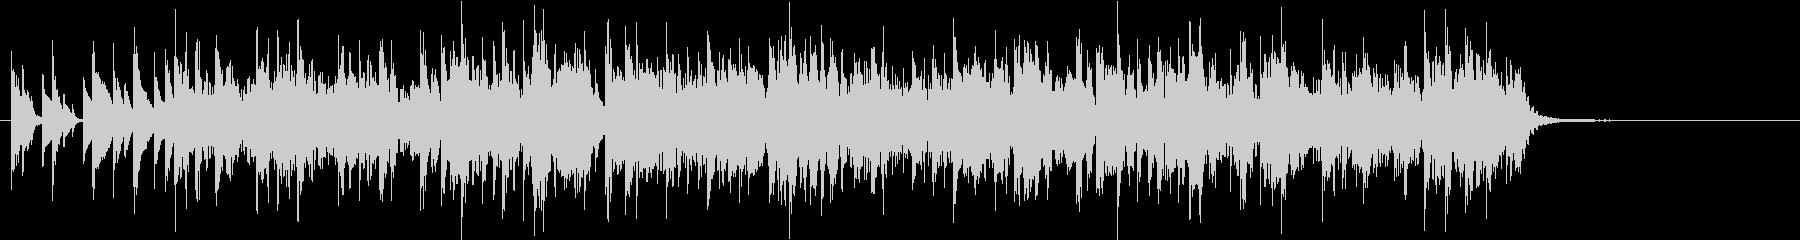 ジングル ワブルベース、EDM、トランスの未再生の波形